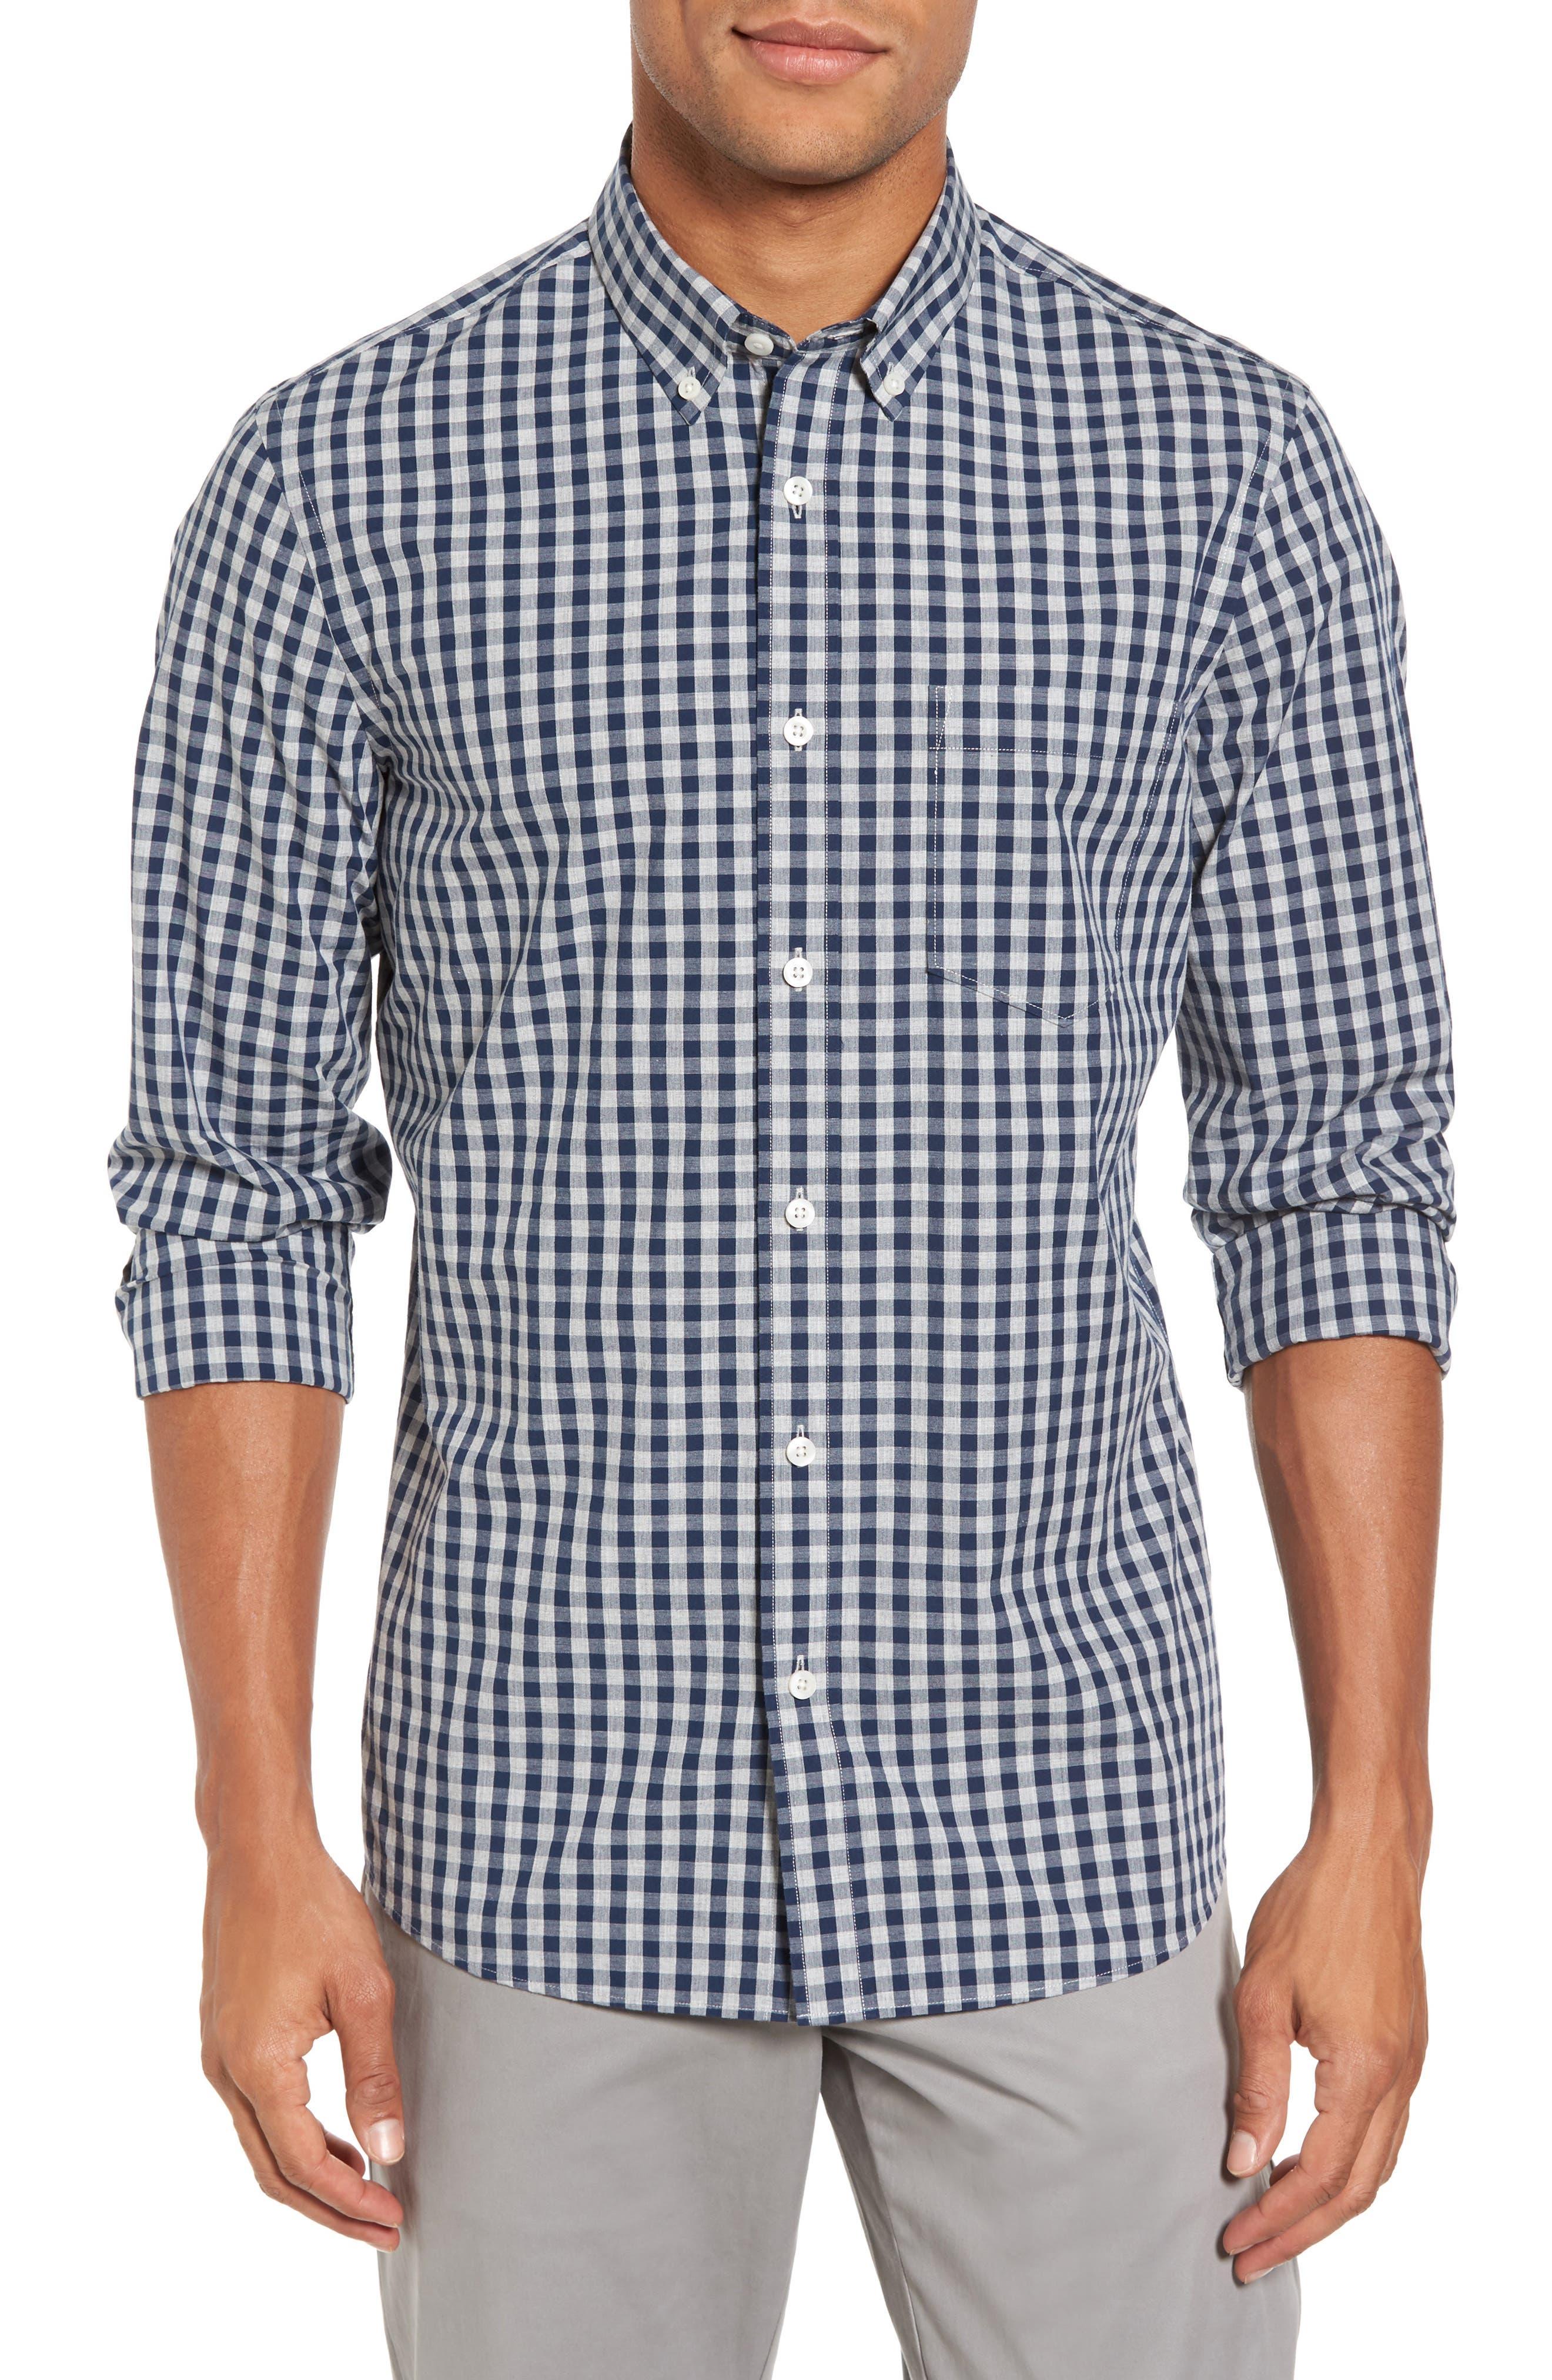 Nordstrom Men's Shop Spade Trim Fit Gingham Check Sport Shirt